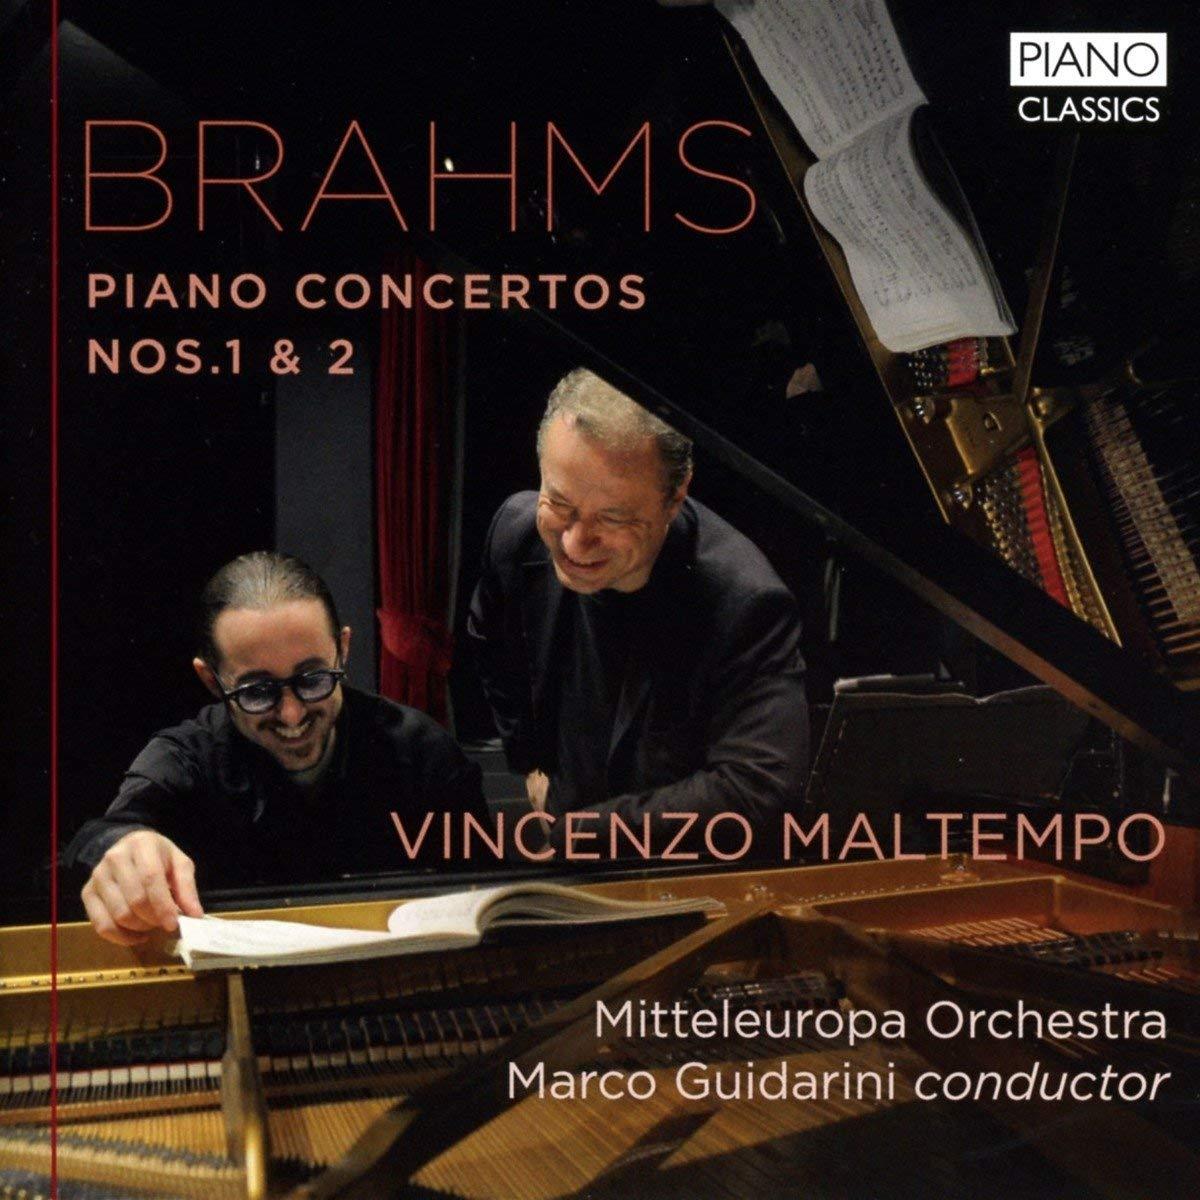 nuova recensione... - http://www.musicvoice.it/classical-music-time/recensioni-classical-music-time/5075/i-concerti-per-pianoforte-e-orchestra-di-brahms-ossia-il-prima-e-il-dopo/